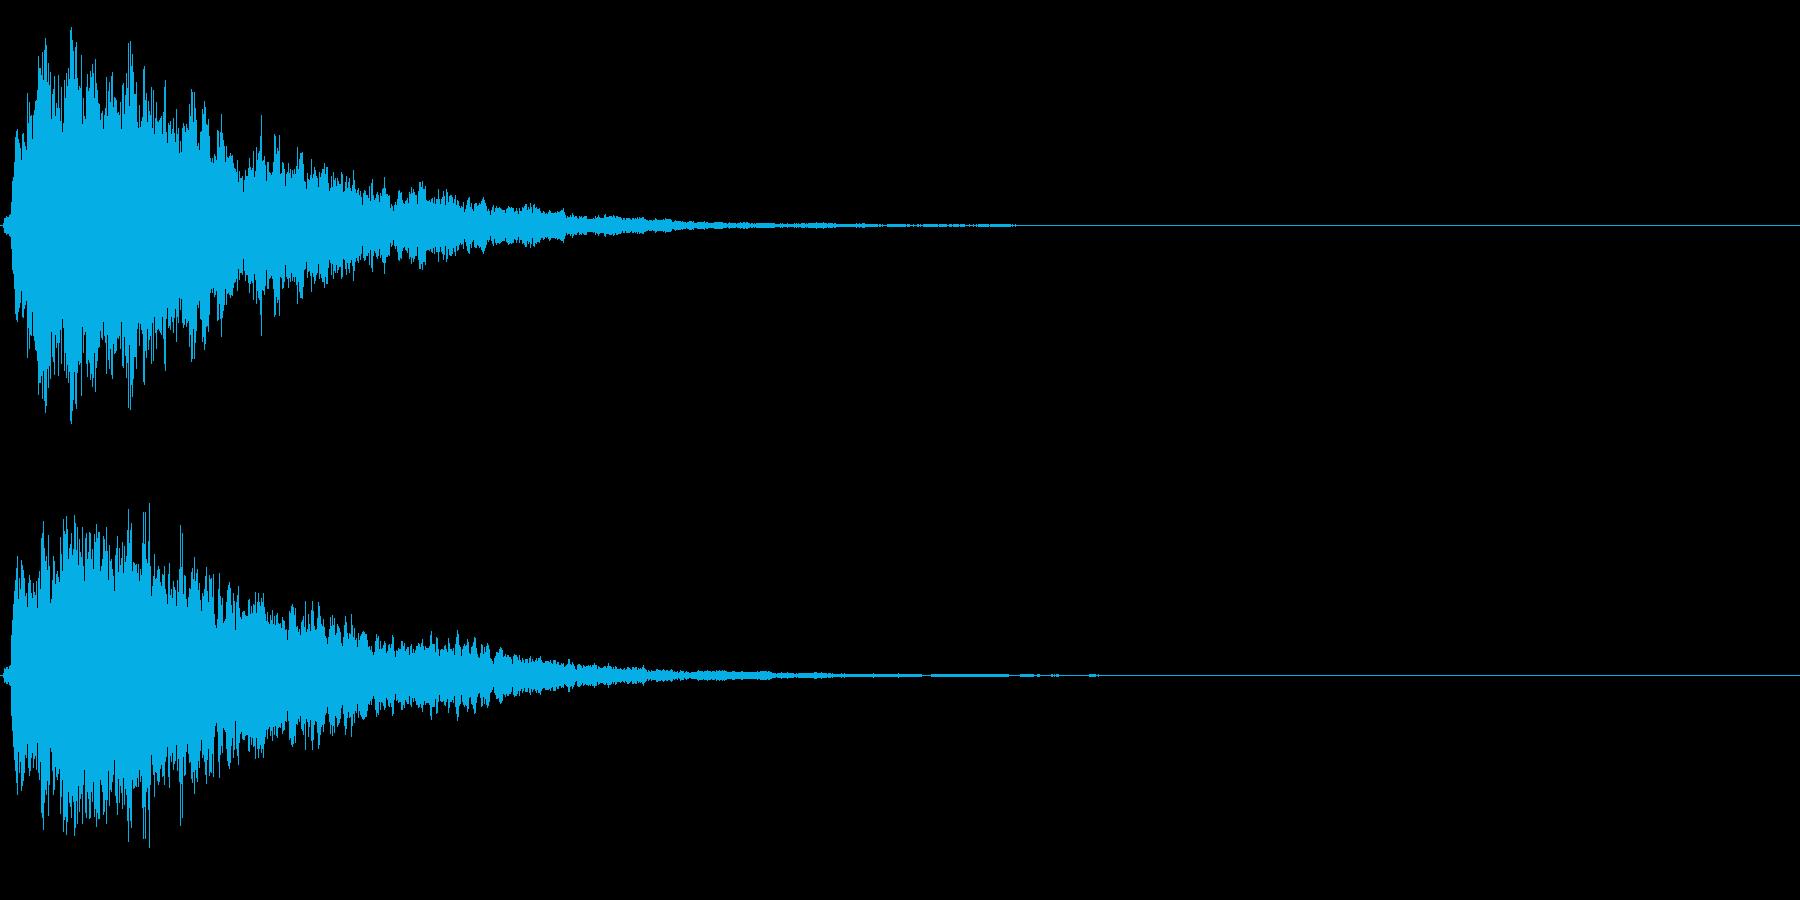 キラキラ輝く テロップ音 ボタン音!02の再生済みの波形